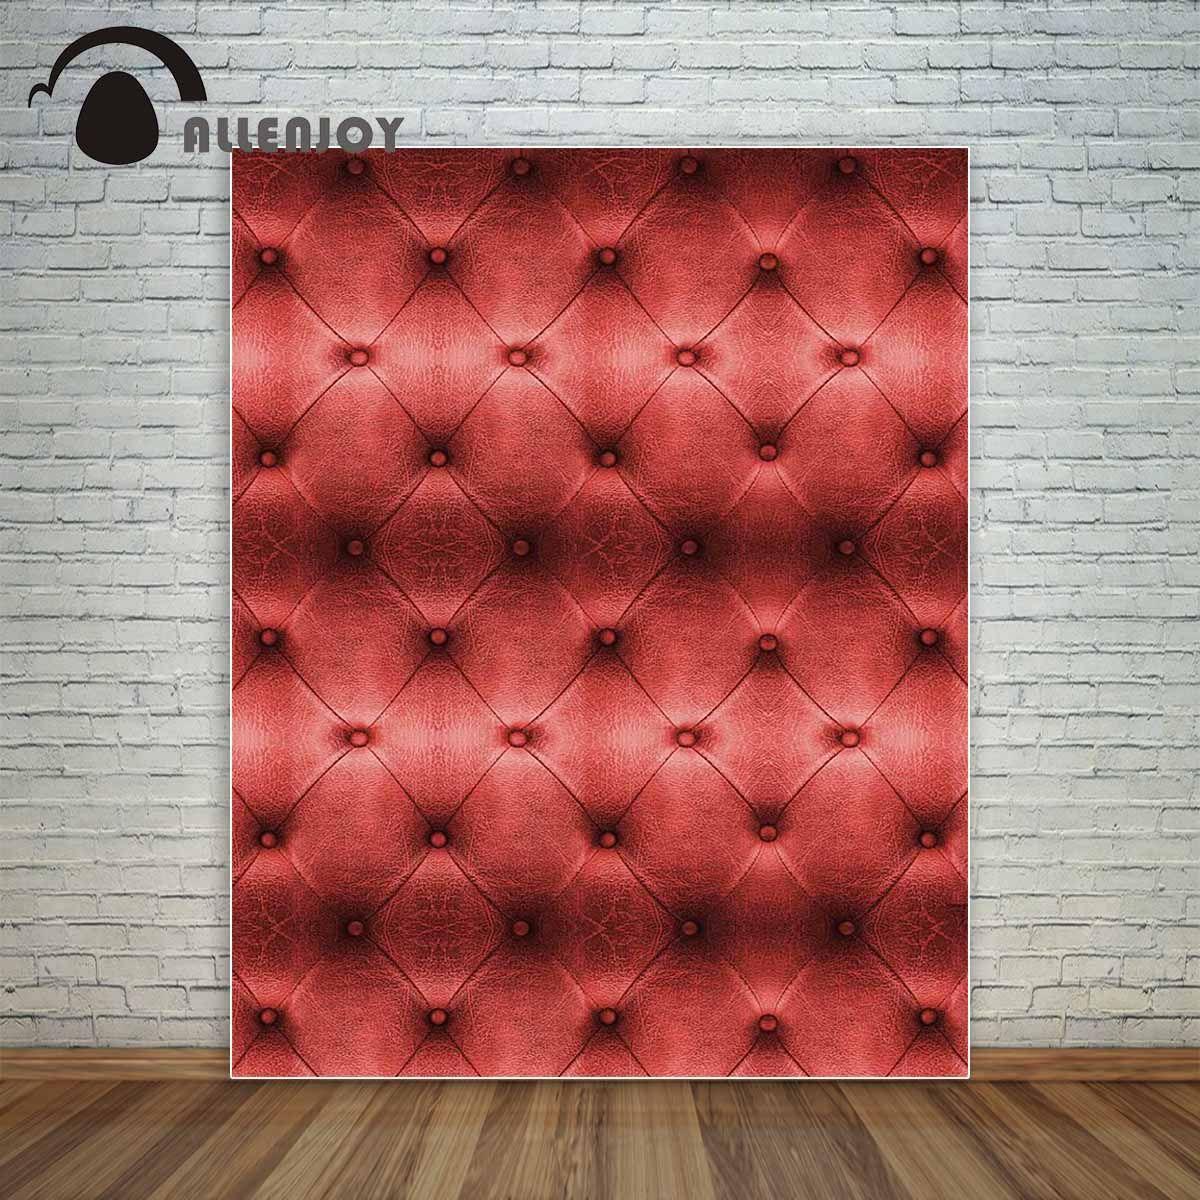 Atacado vinil foto pano de fundo de Luxo sofá de couro vermelho textura clássico botão de fundo da placa de cama photobooth novo design de chegada